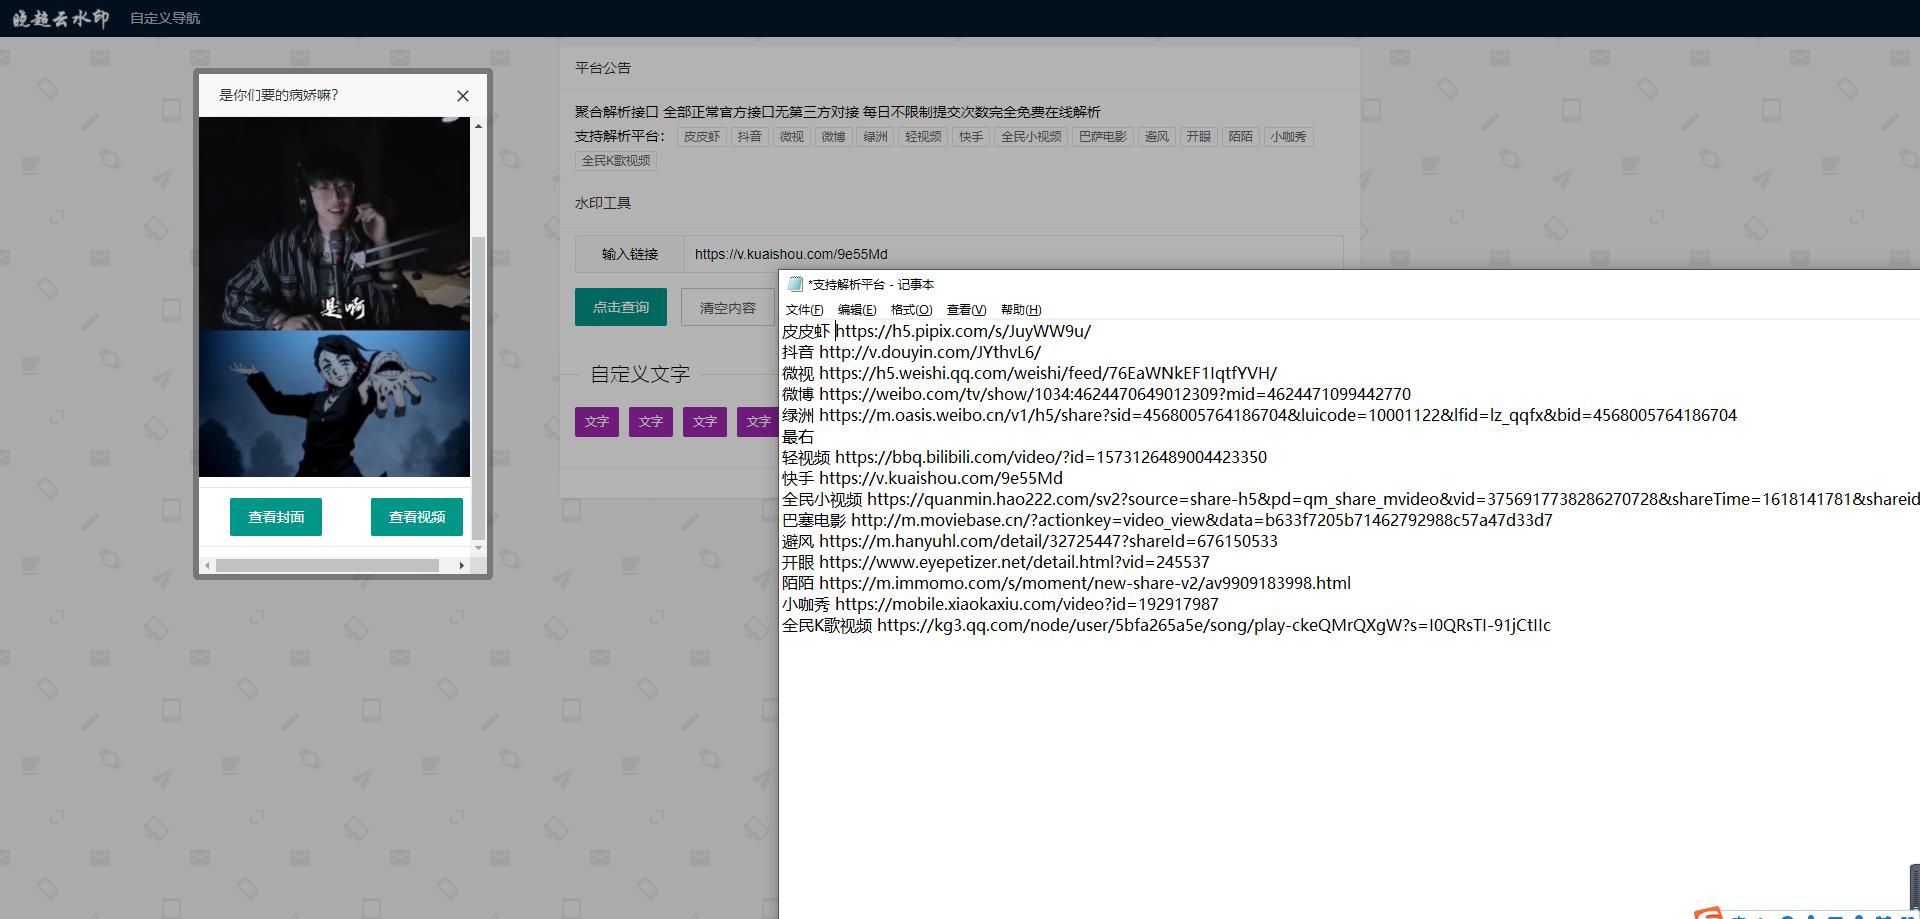 聚合短视频解析平台程序源码